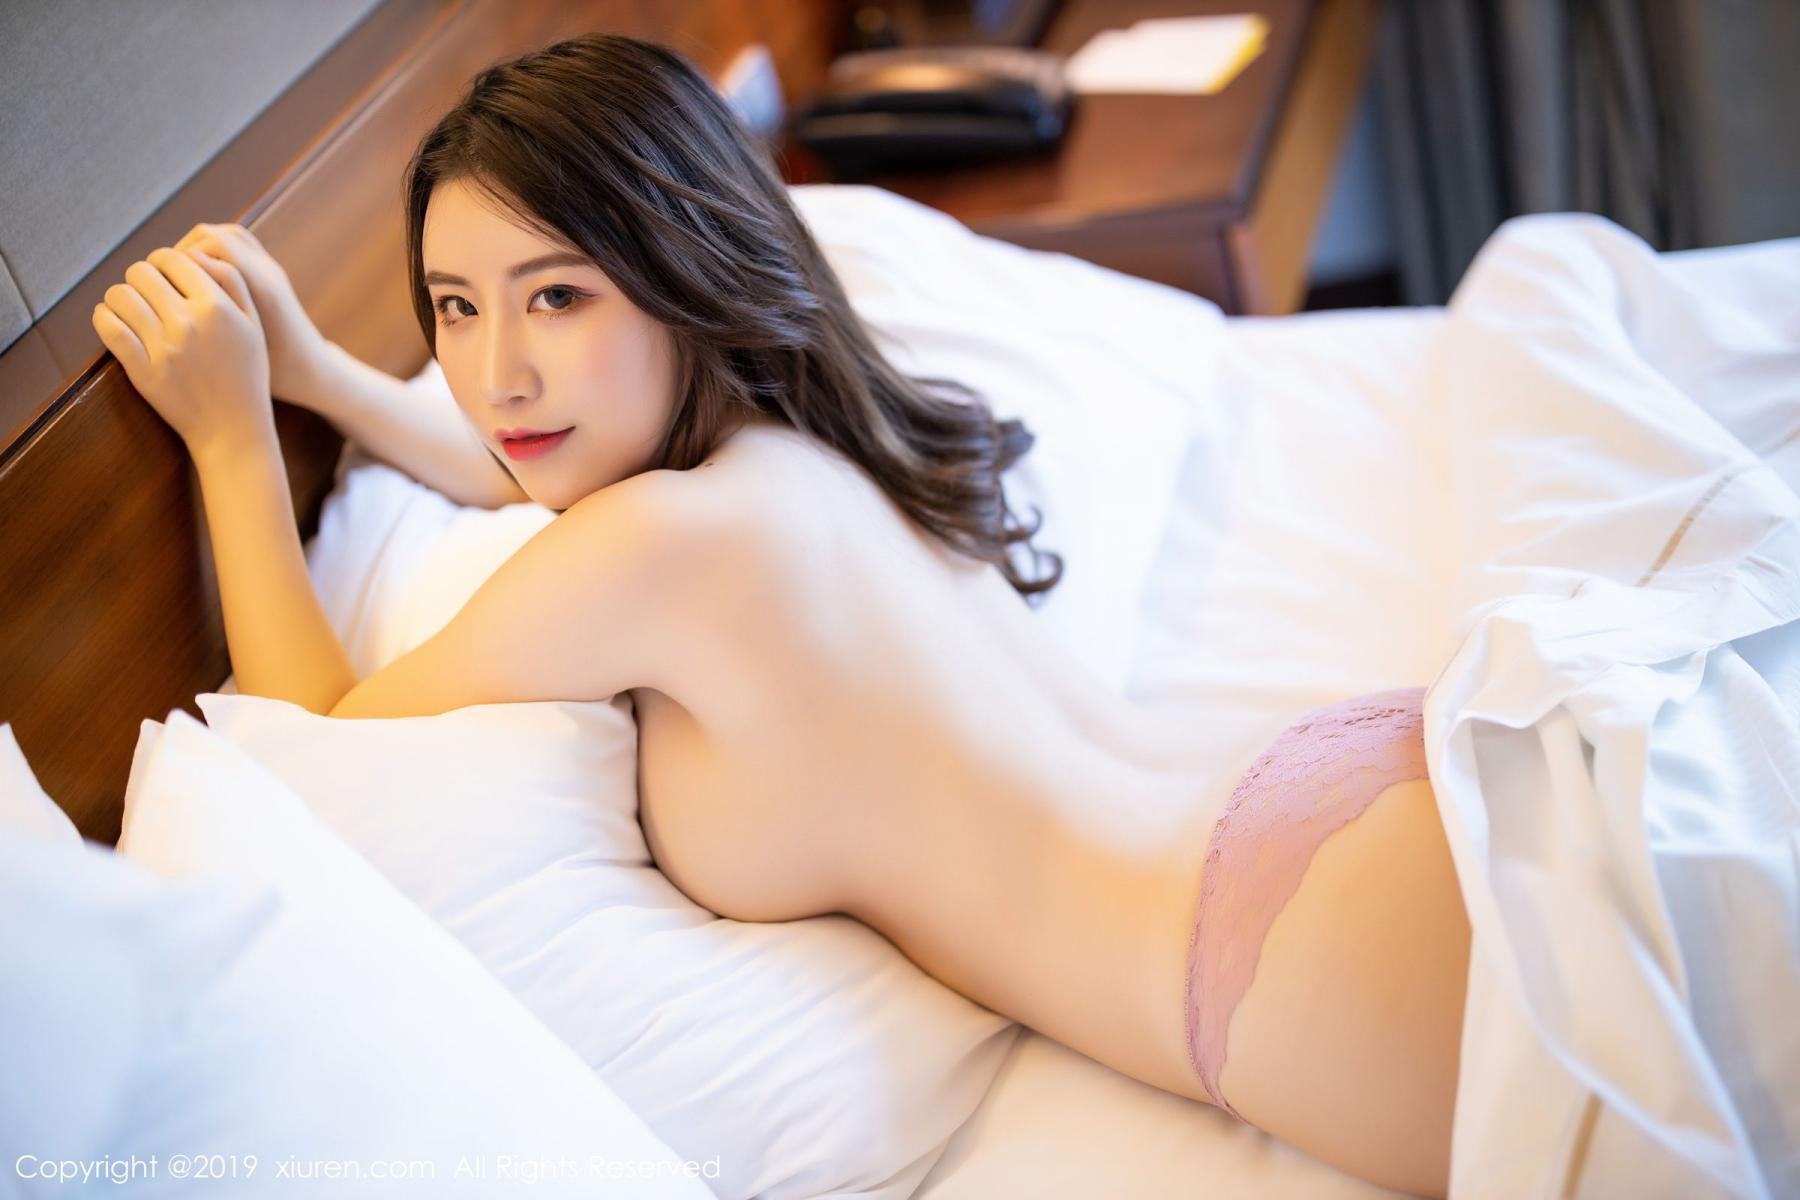 [XiaoYu] Vol.1697 Xie Zhi Xin 91P, Home, Sexy, XiaoYu, Xie Zhi Xin